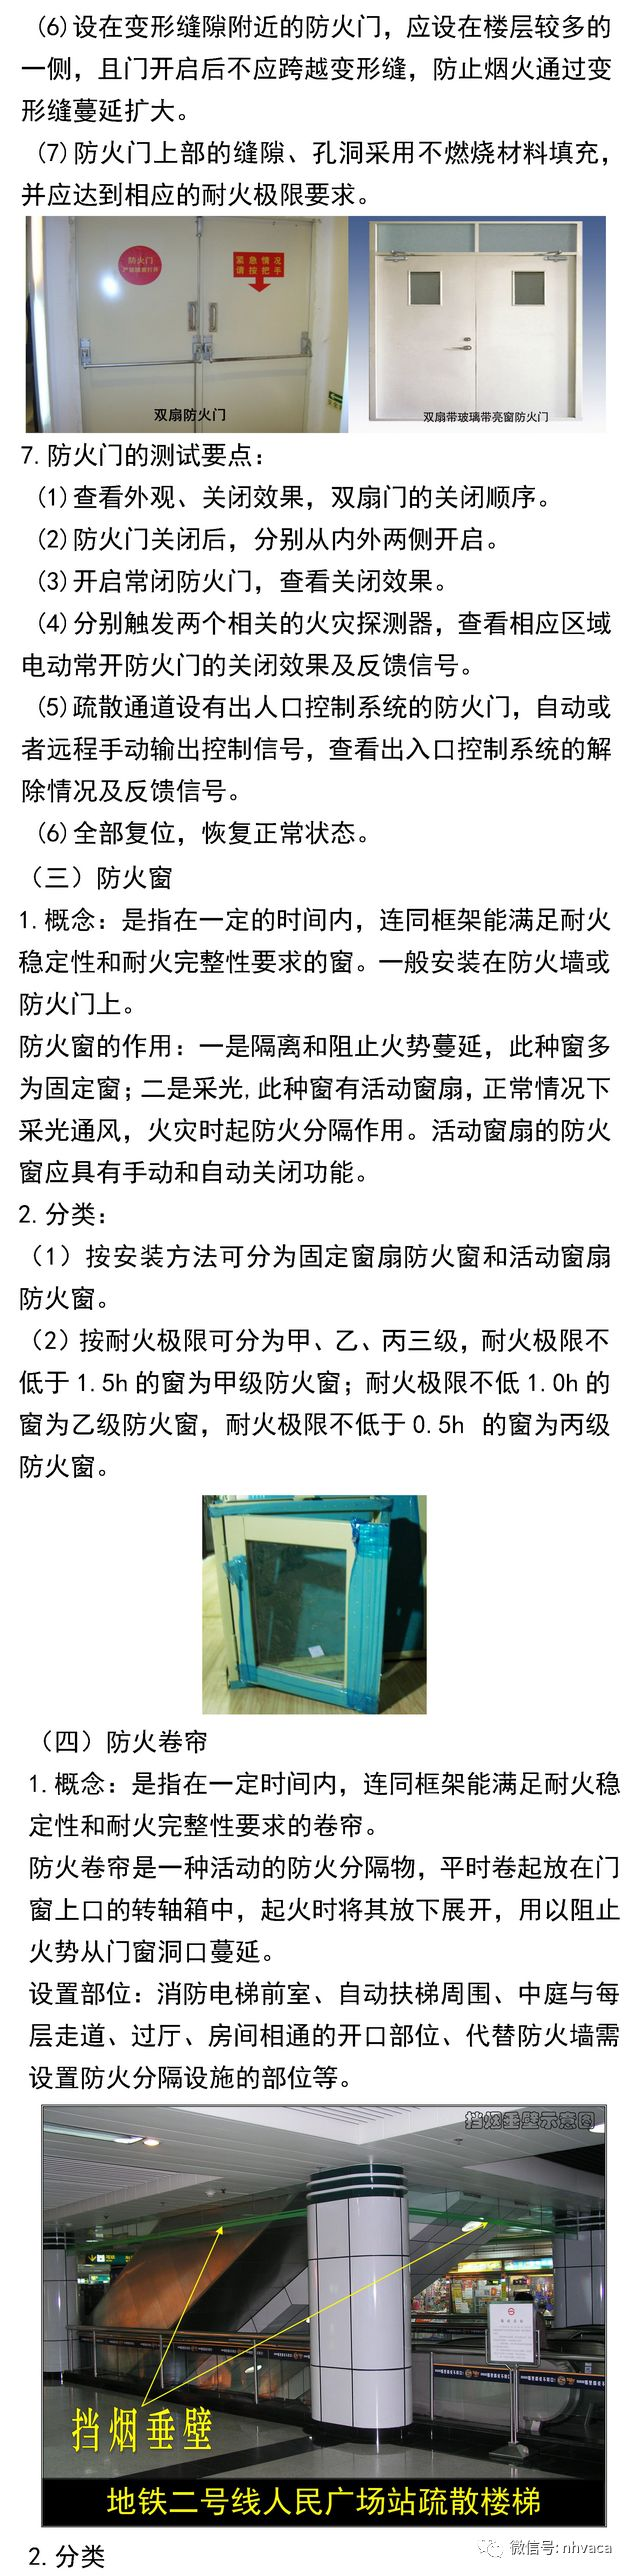 防火分隔设施基础知识汇总_4